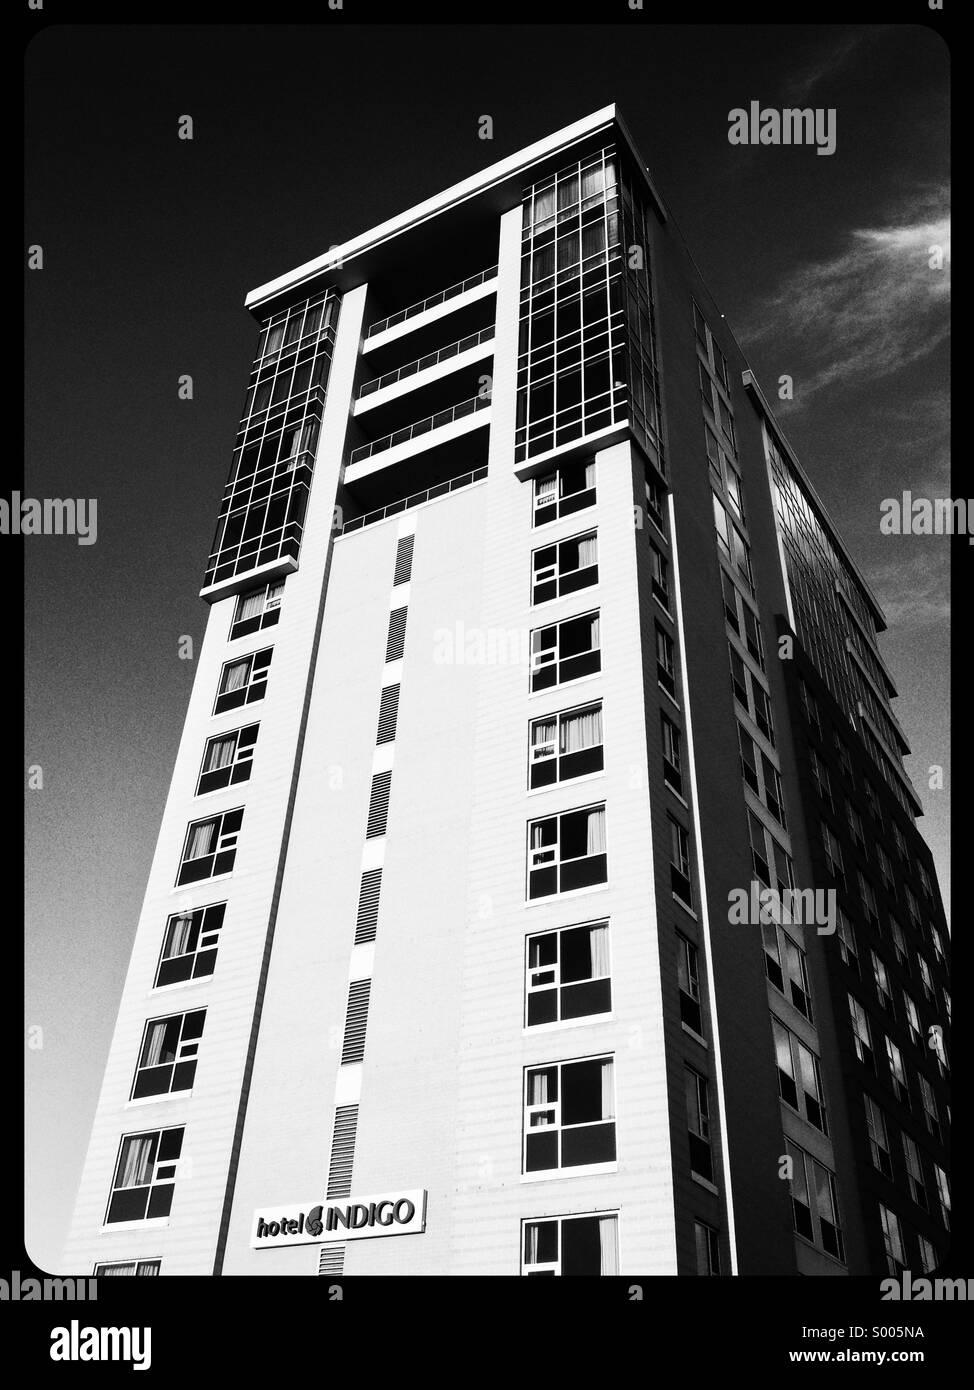 Hotel Indigo Asheville - Stock Image